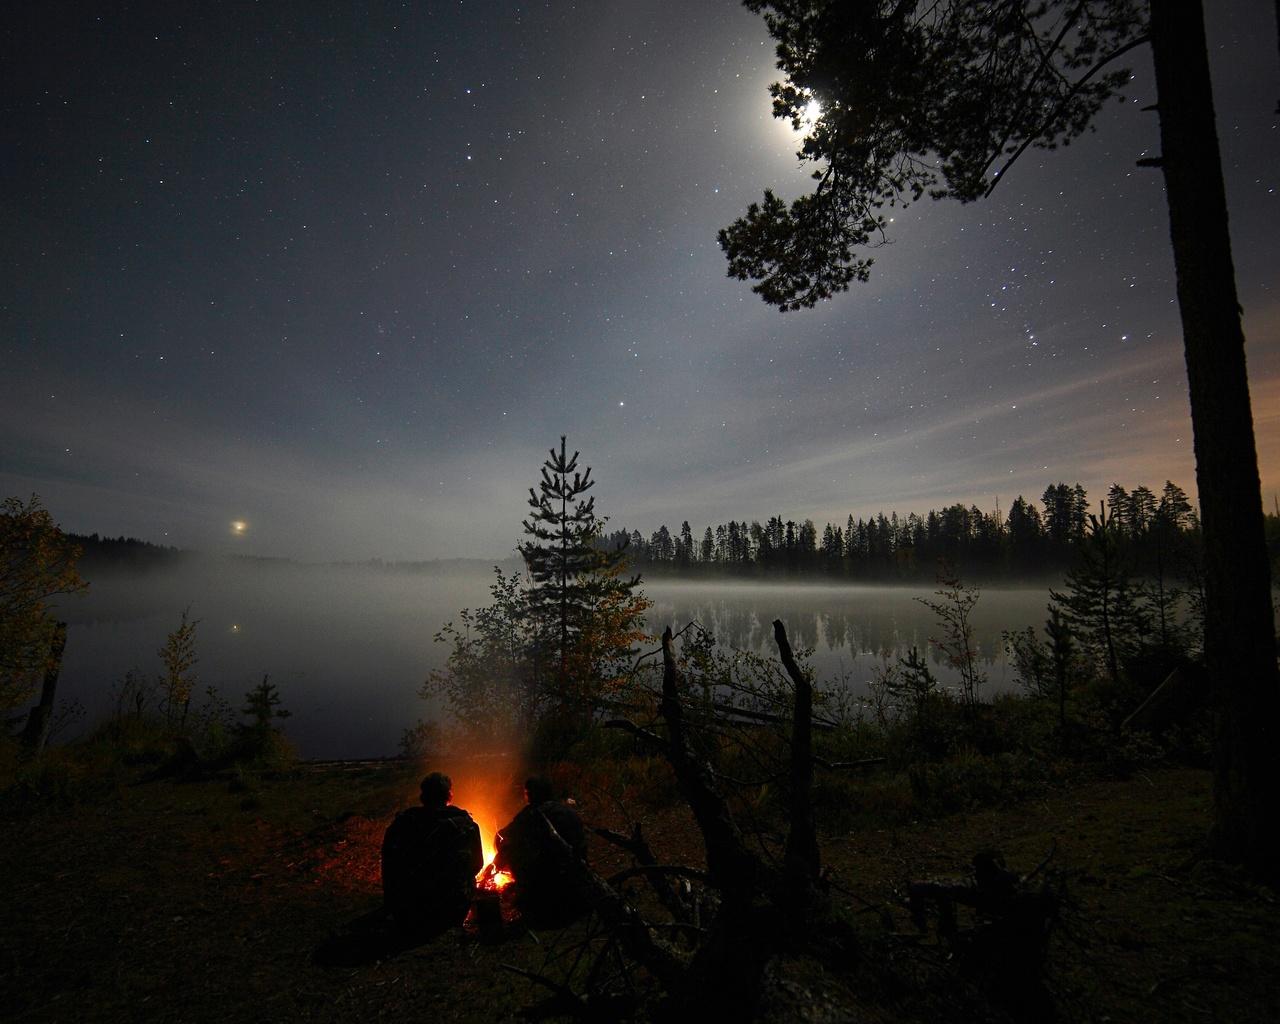 Картинки летняя ночь в лесу, маленькой